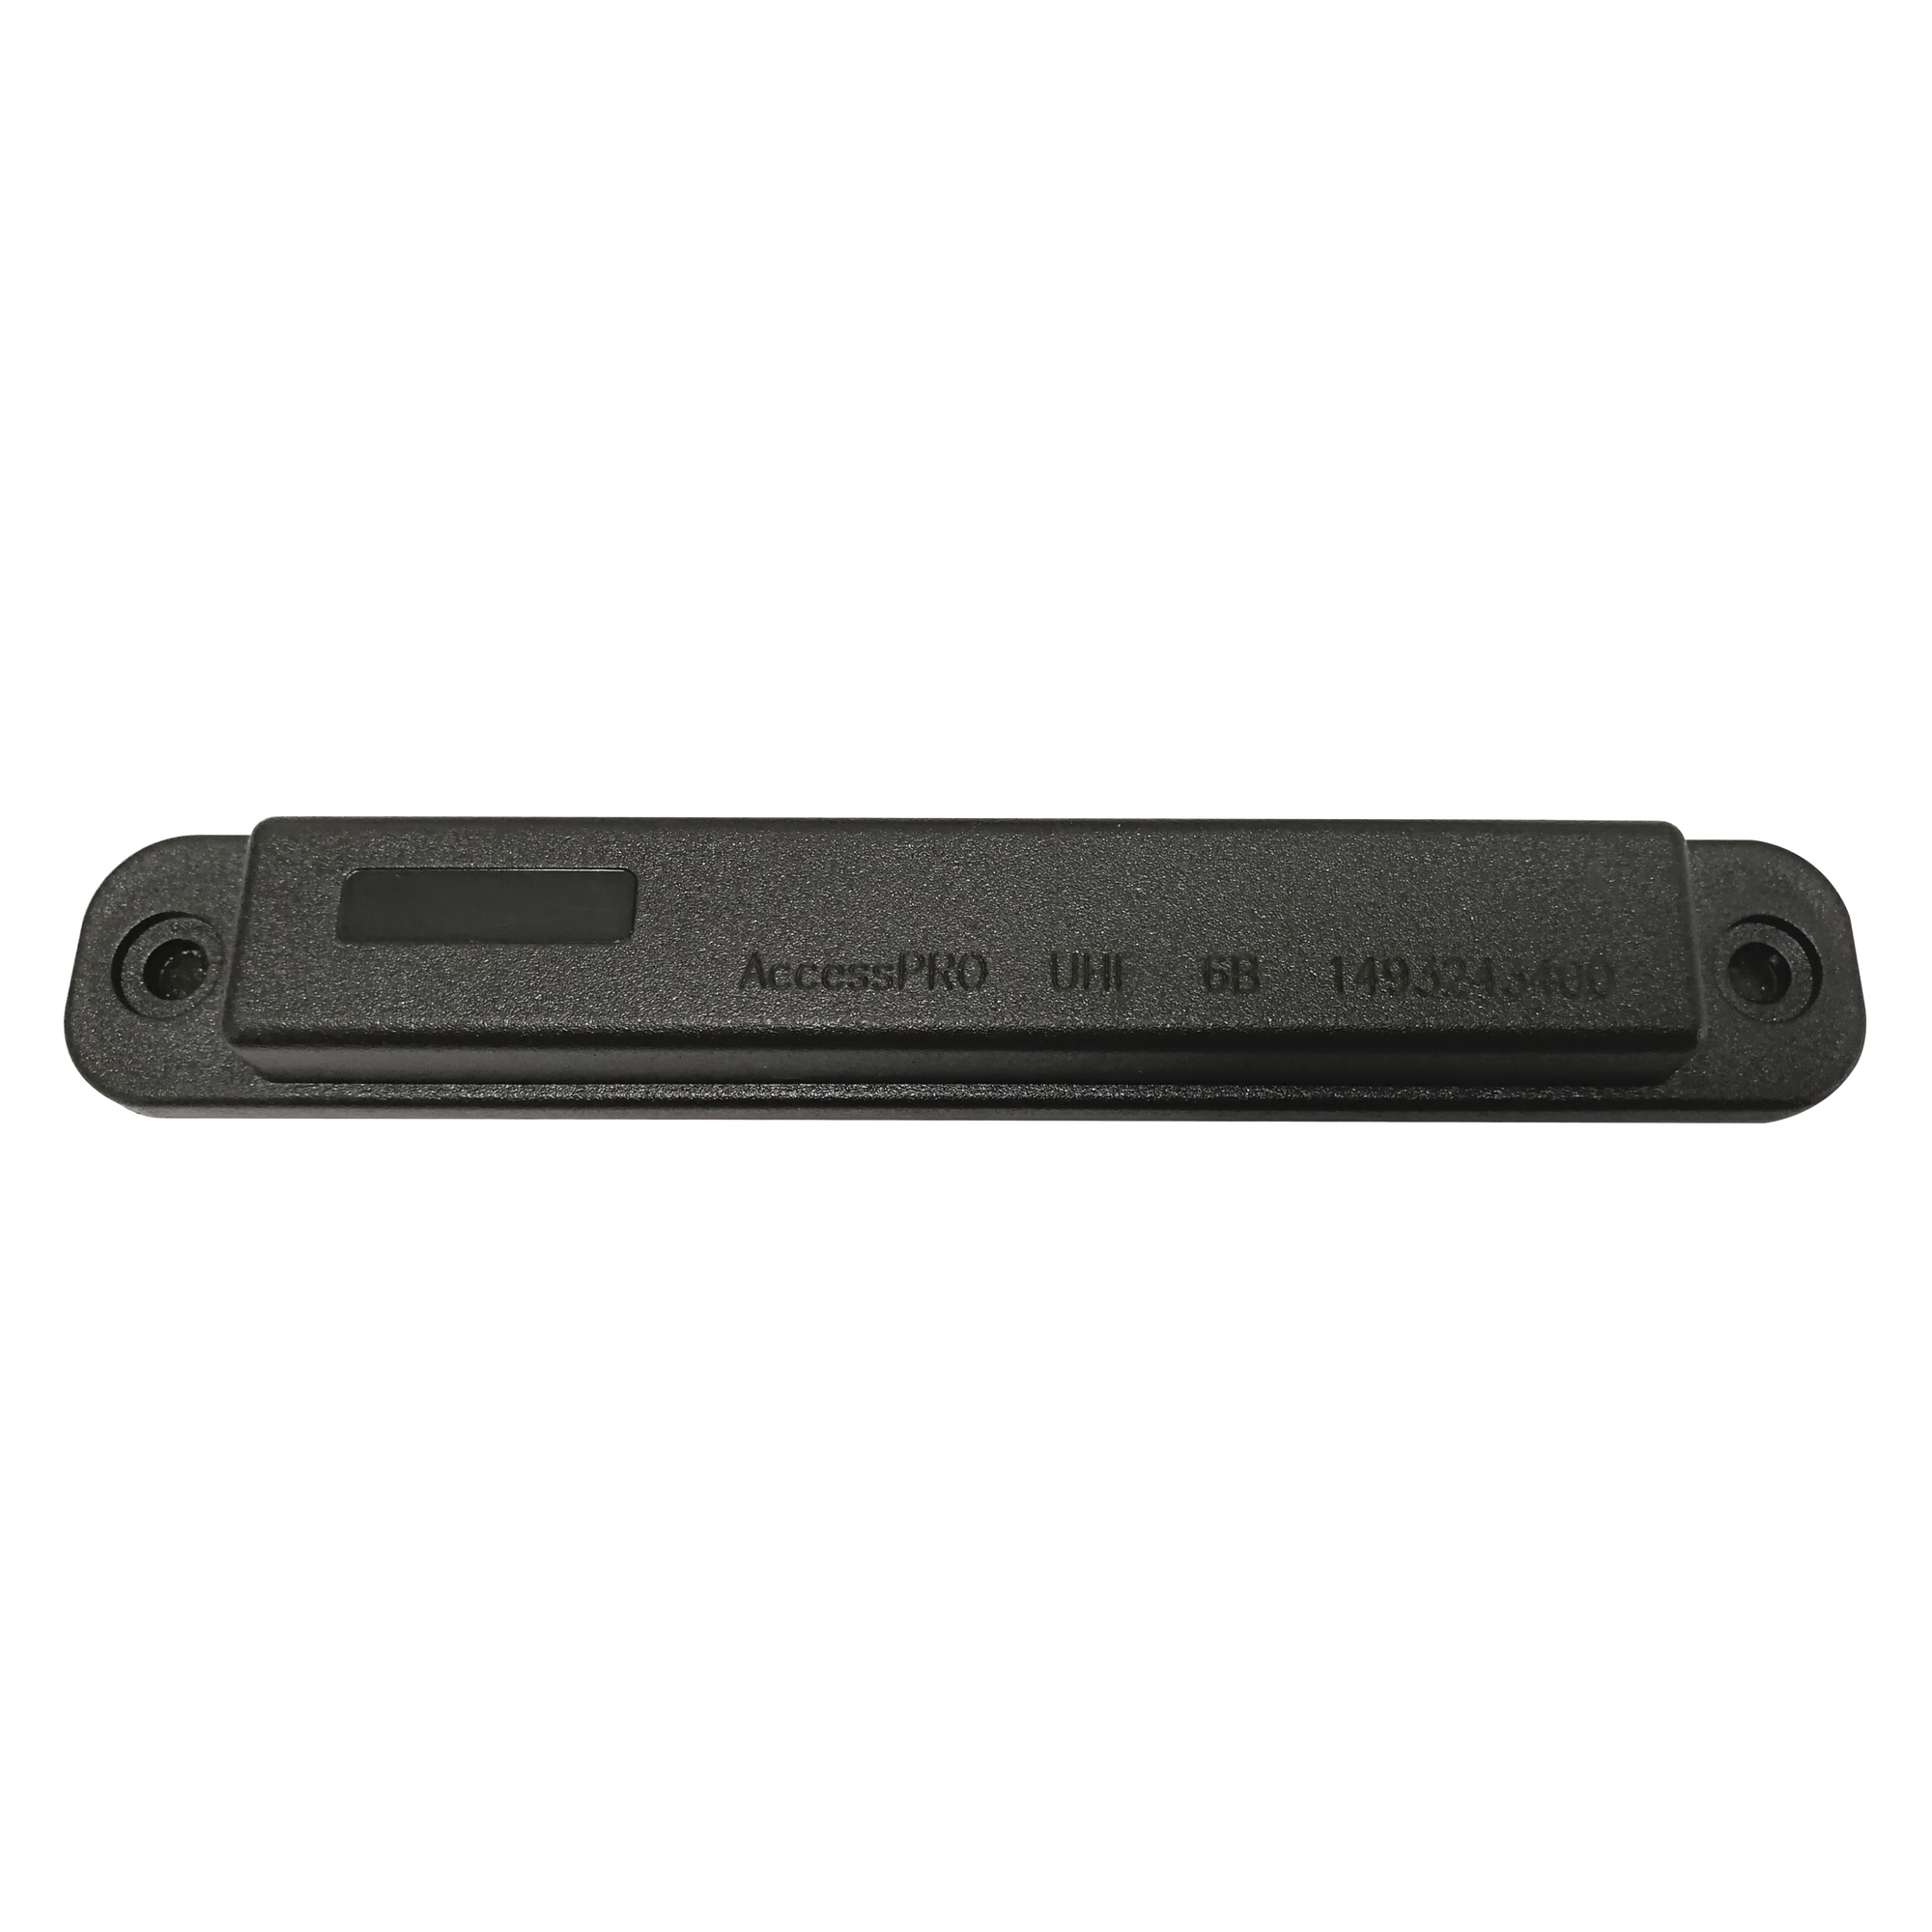 Tag RFID para uso sobre superficies metalicas o vehiculos con blindaje / ISO 18000 6B